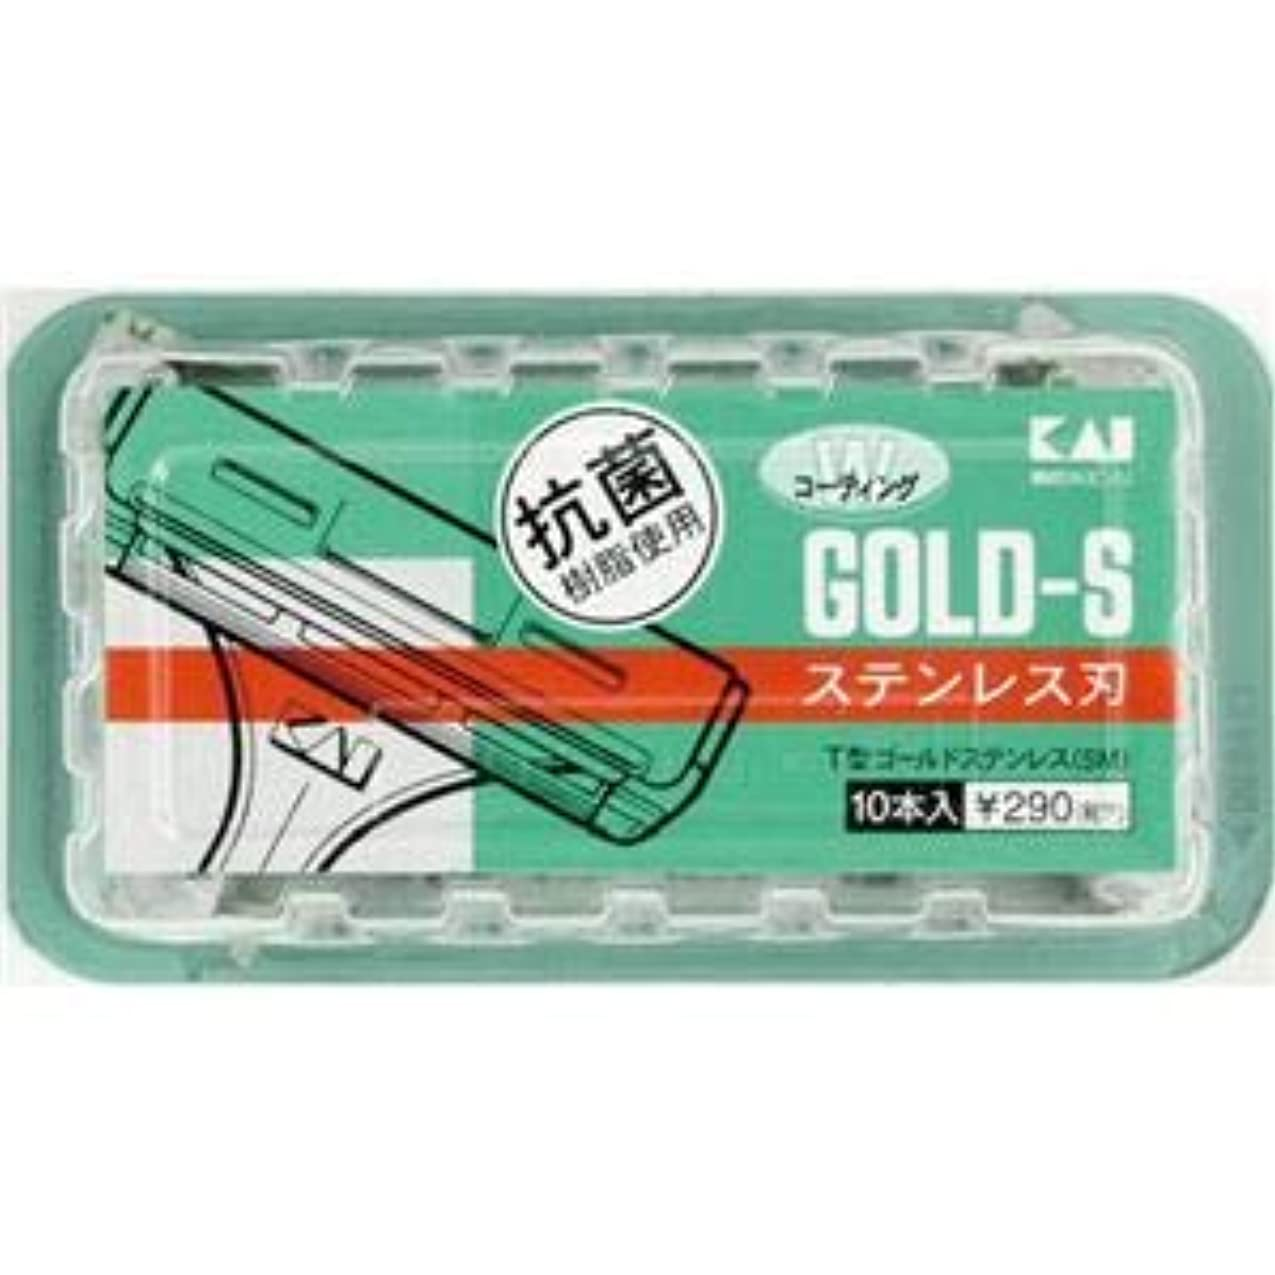 無効叫び声特別に(業務用20セット) 貝印 T型ゴールドステンレスSM10本